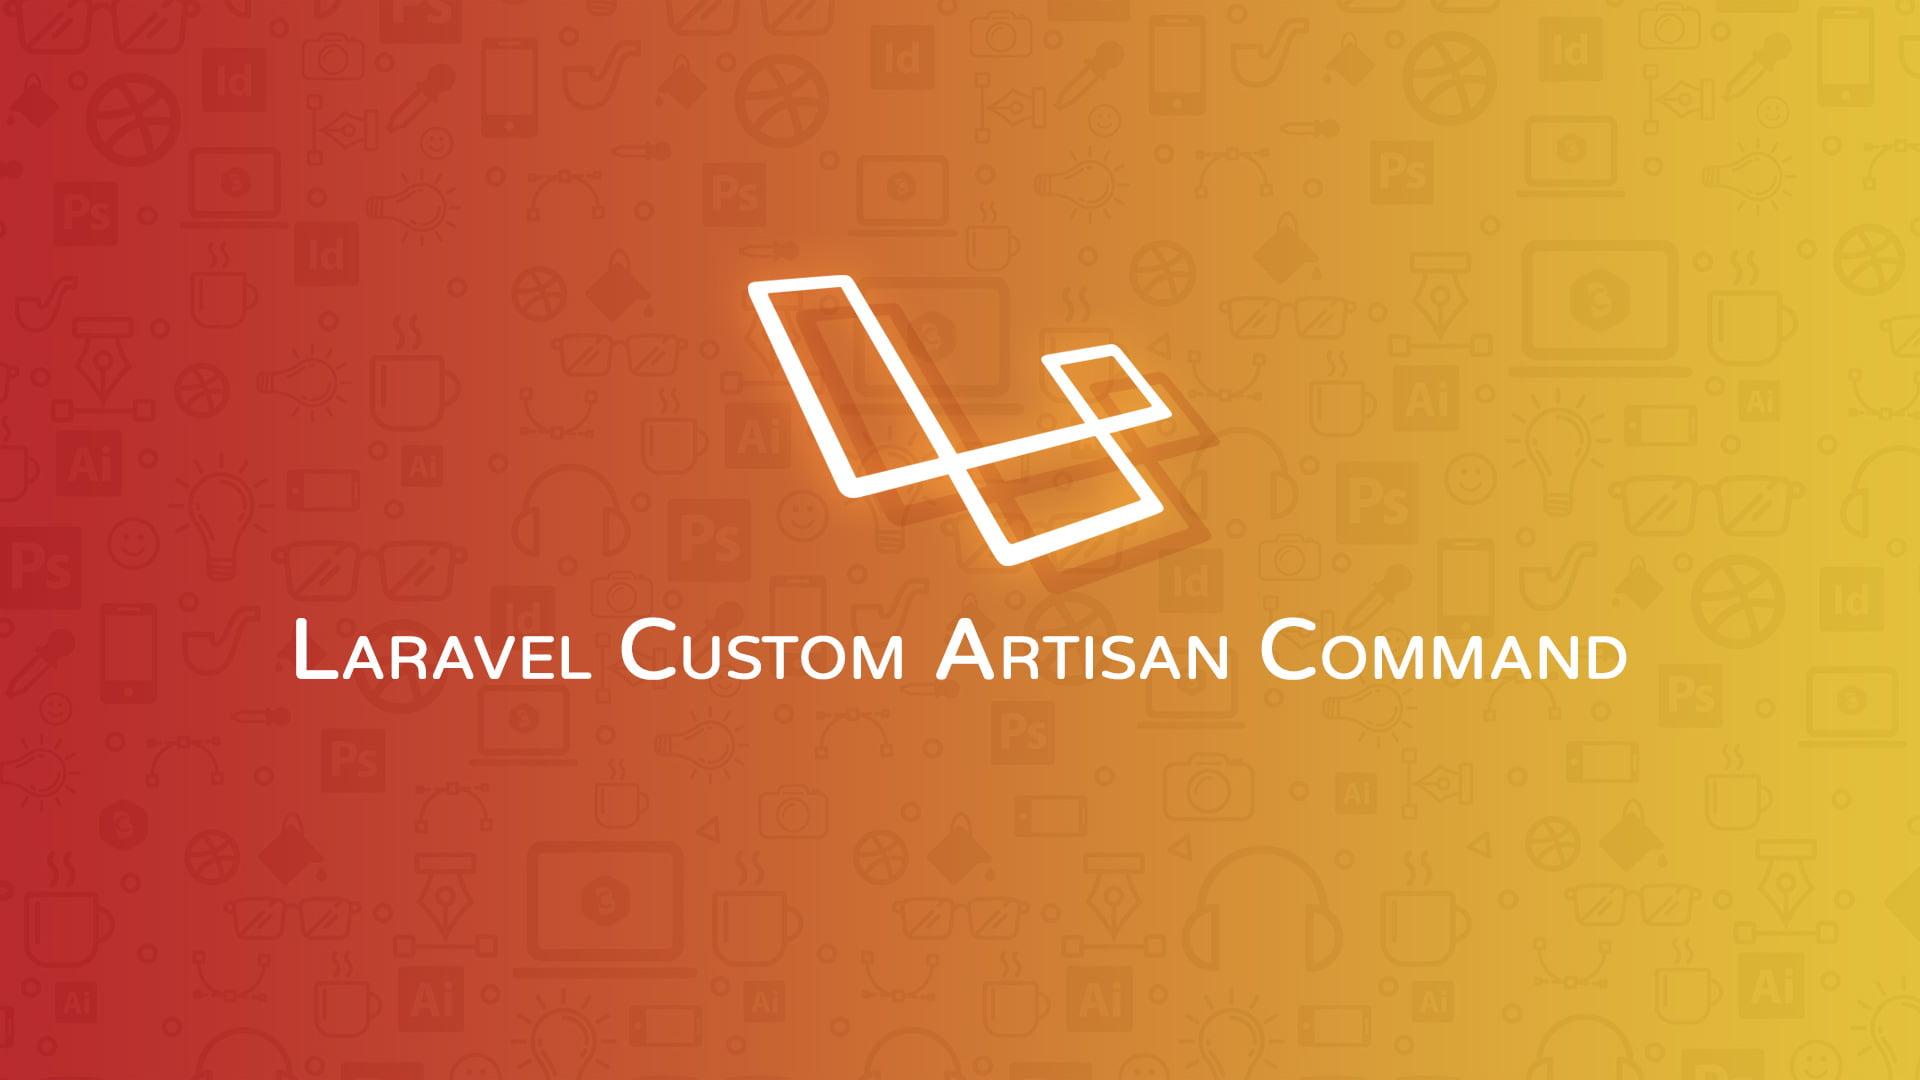 Laravel Custom Artisan Command